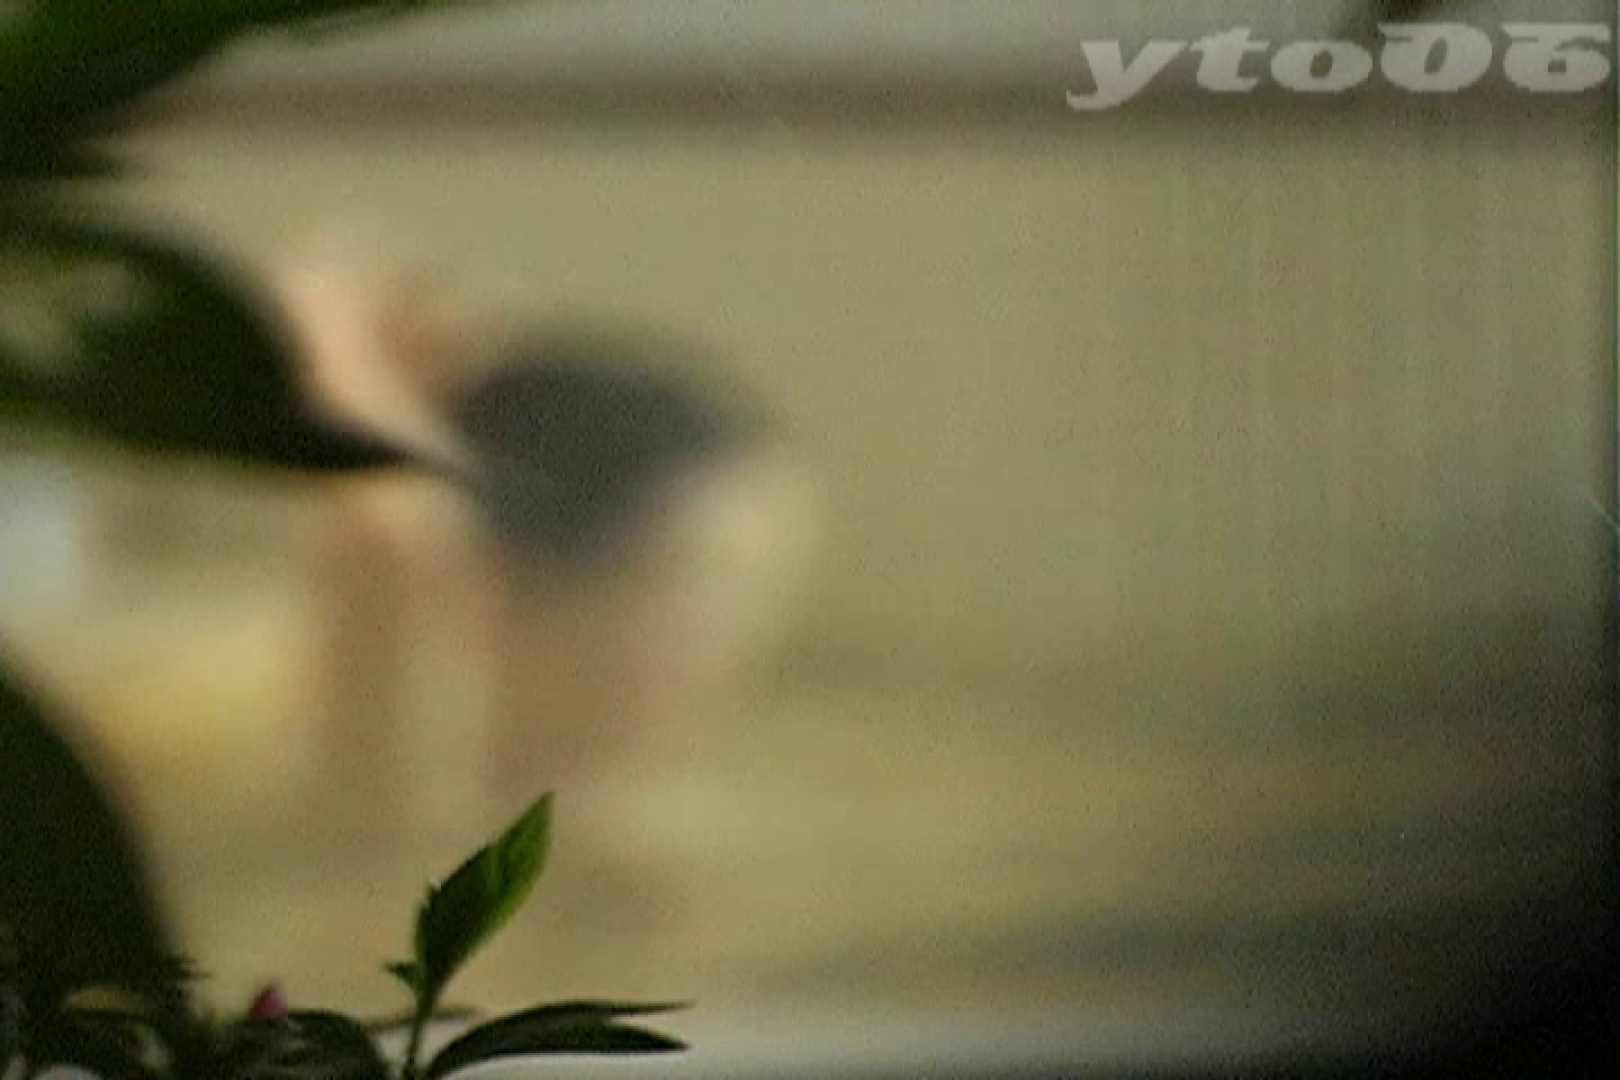 ▲復活限定▲合宿ホテル女風呂盗撮 Vol.34 ホテルの中 オマンコ無修正動画無料 107枚 5